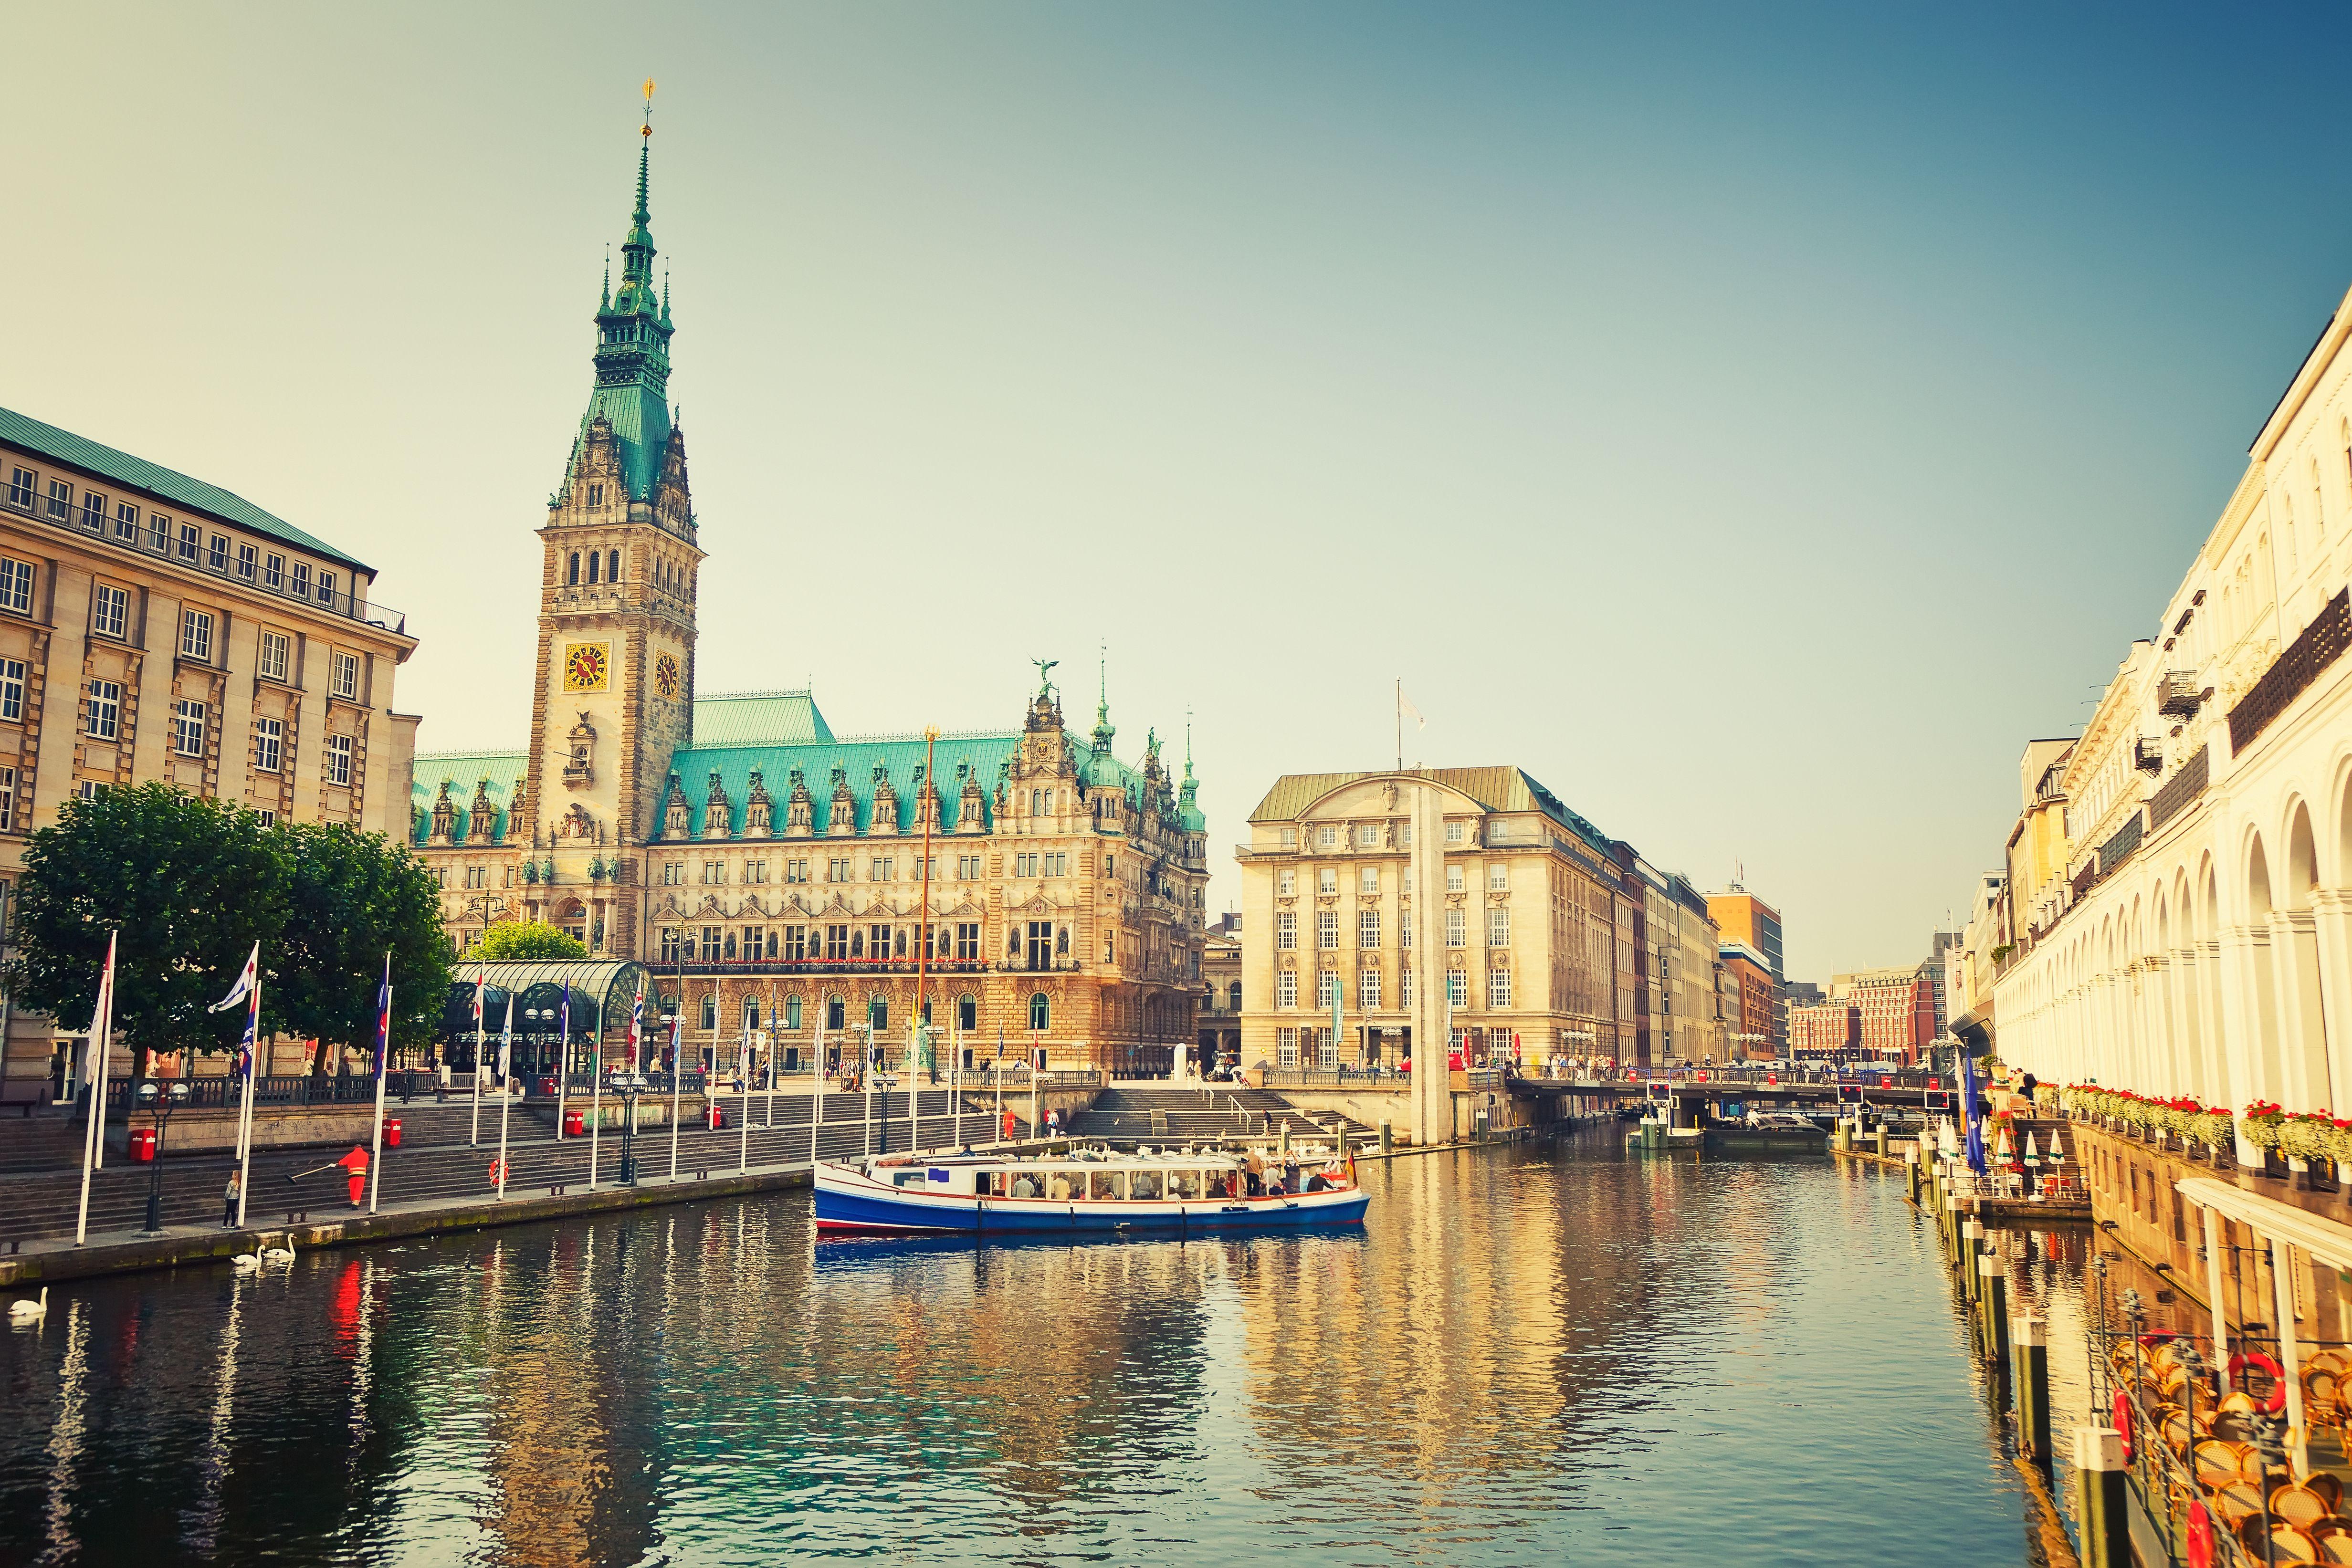 Linus Capital stellt 45-Millionen-Euro-Darlehen für den Ankauf eines Hochhauses im Herzen Hamburgs